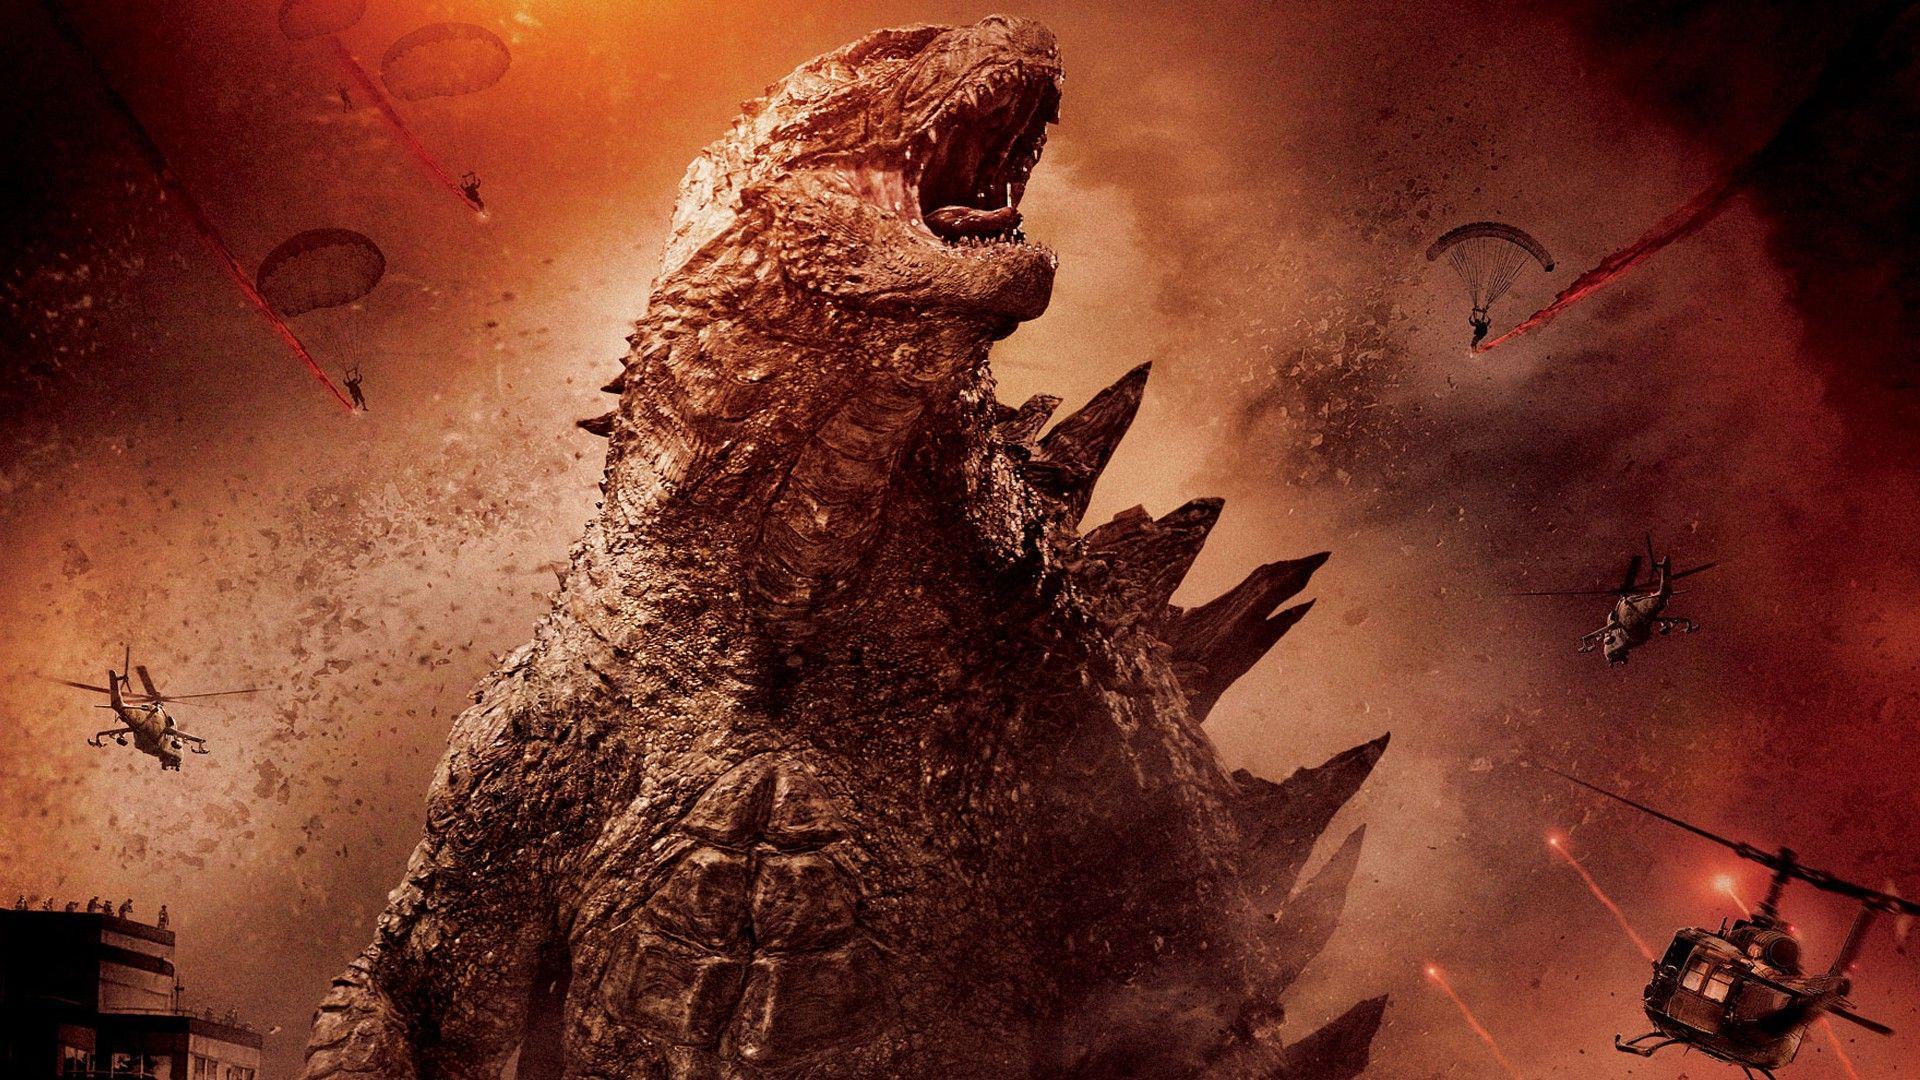 1920x1080 Hình nền Godzilla mới 1920x108 WTG2004667 4K